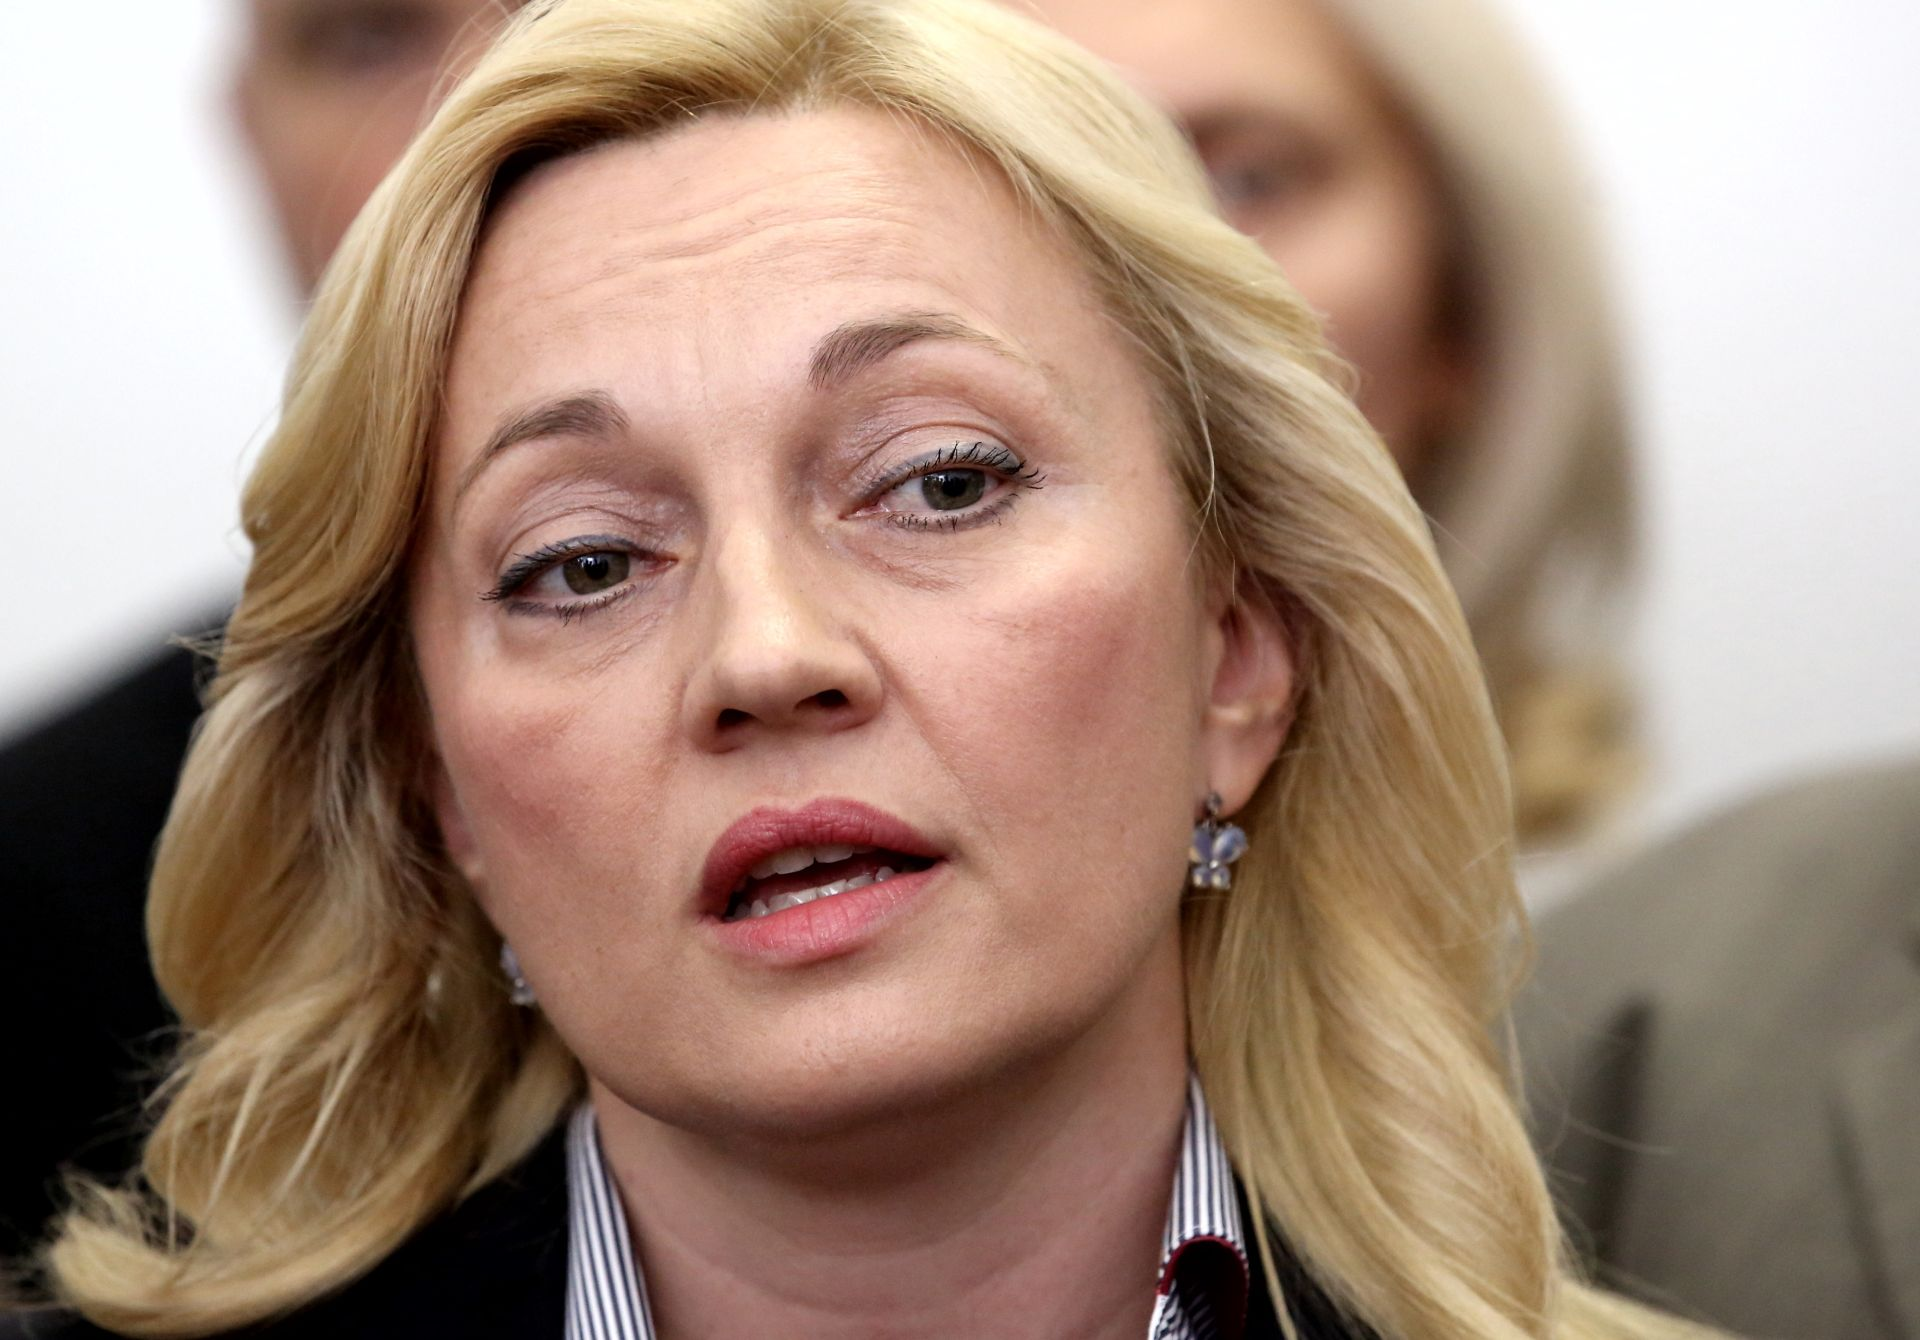 PETIR: 'Izborna skupština ŽO HSS-a ilegalna, pozivam Ministarstvo uprave za nadzor'